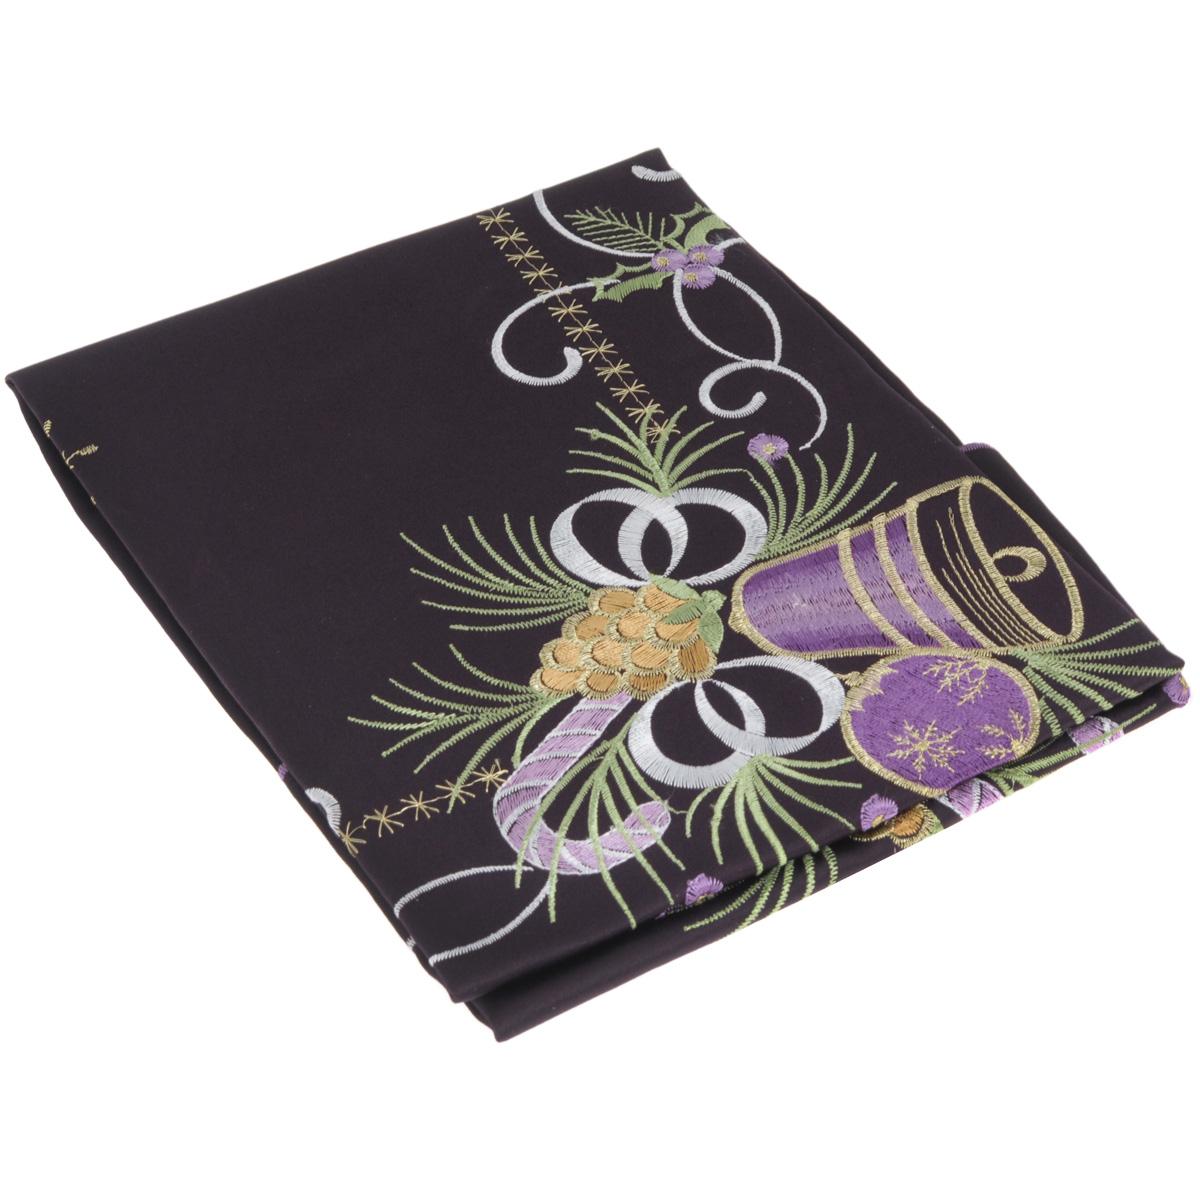 Скатерть Home Queen Колокольчик, квадратная, цвет: фиолетовый, 85 x 85 см63966Новогодняя скатерть Queen Колокольчик изящно украсит праздничный стол. Изделие выполнено из плотной полиэстеровой ткани, украшенной яркой декоративной ажурной вышивкой в виде колокольчиков. Изделие можно использовать поверх однотонной скатерти или в качестве самостоятельного покрытия на стол. Скатерть Queen Колокольчик создаст новогоднее настроение и станет прекрасным дополнением интерьера гостиной, кухни или столовой.